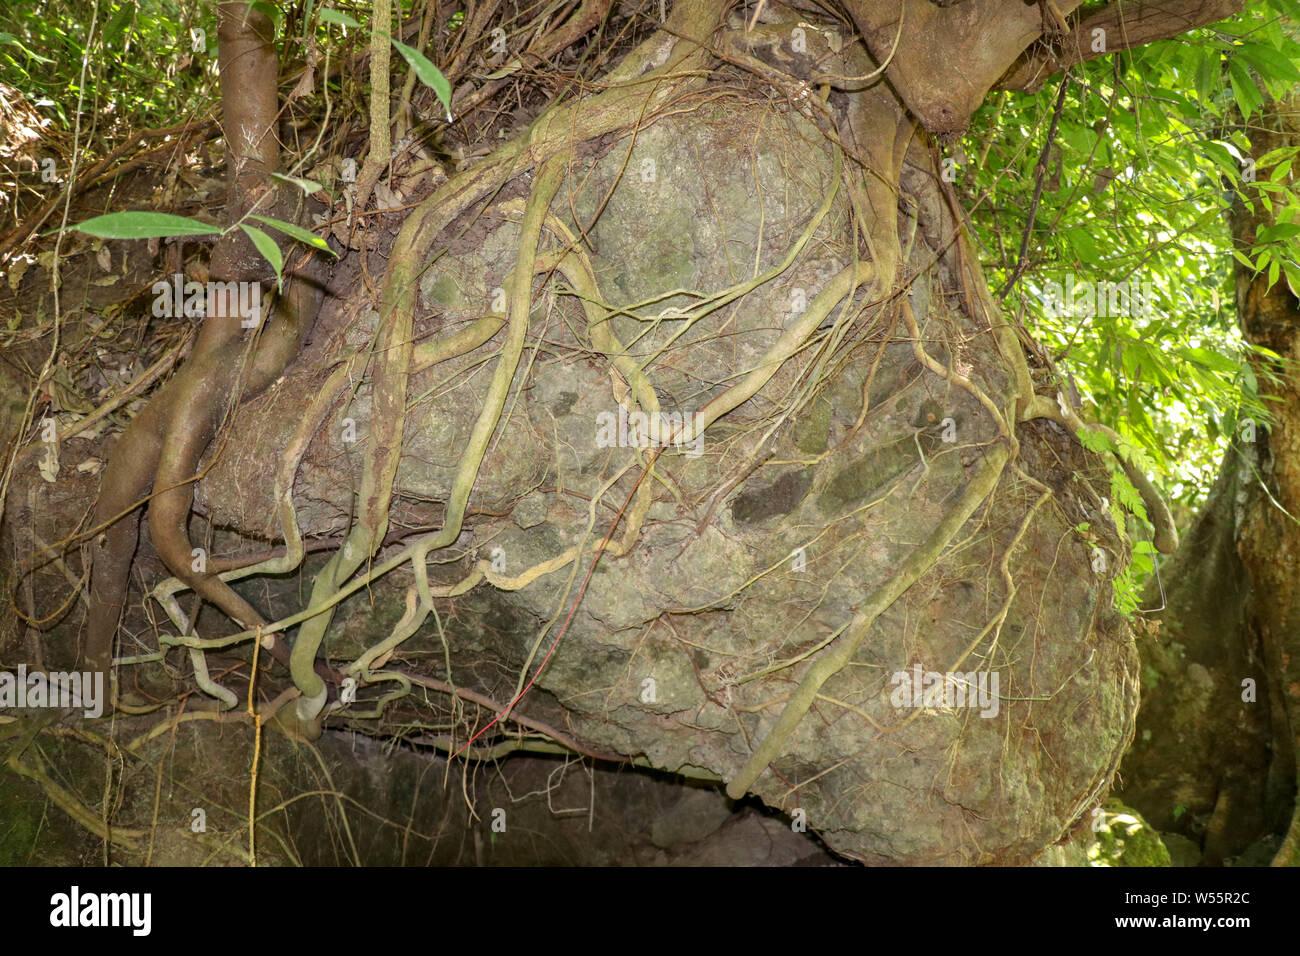 Riesige Felsbrocken mit tropischen Baumwurzeln überwuchert. Pine Tree Wurzeln auf Stein. Ein Baum wächst auf einem großen Felsen mit seinen Wurzeln erreichen Stockfoto